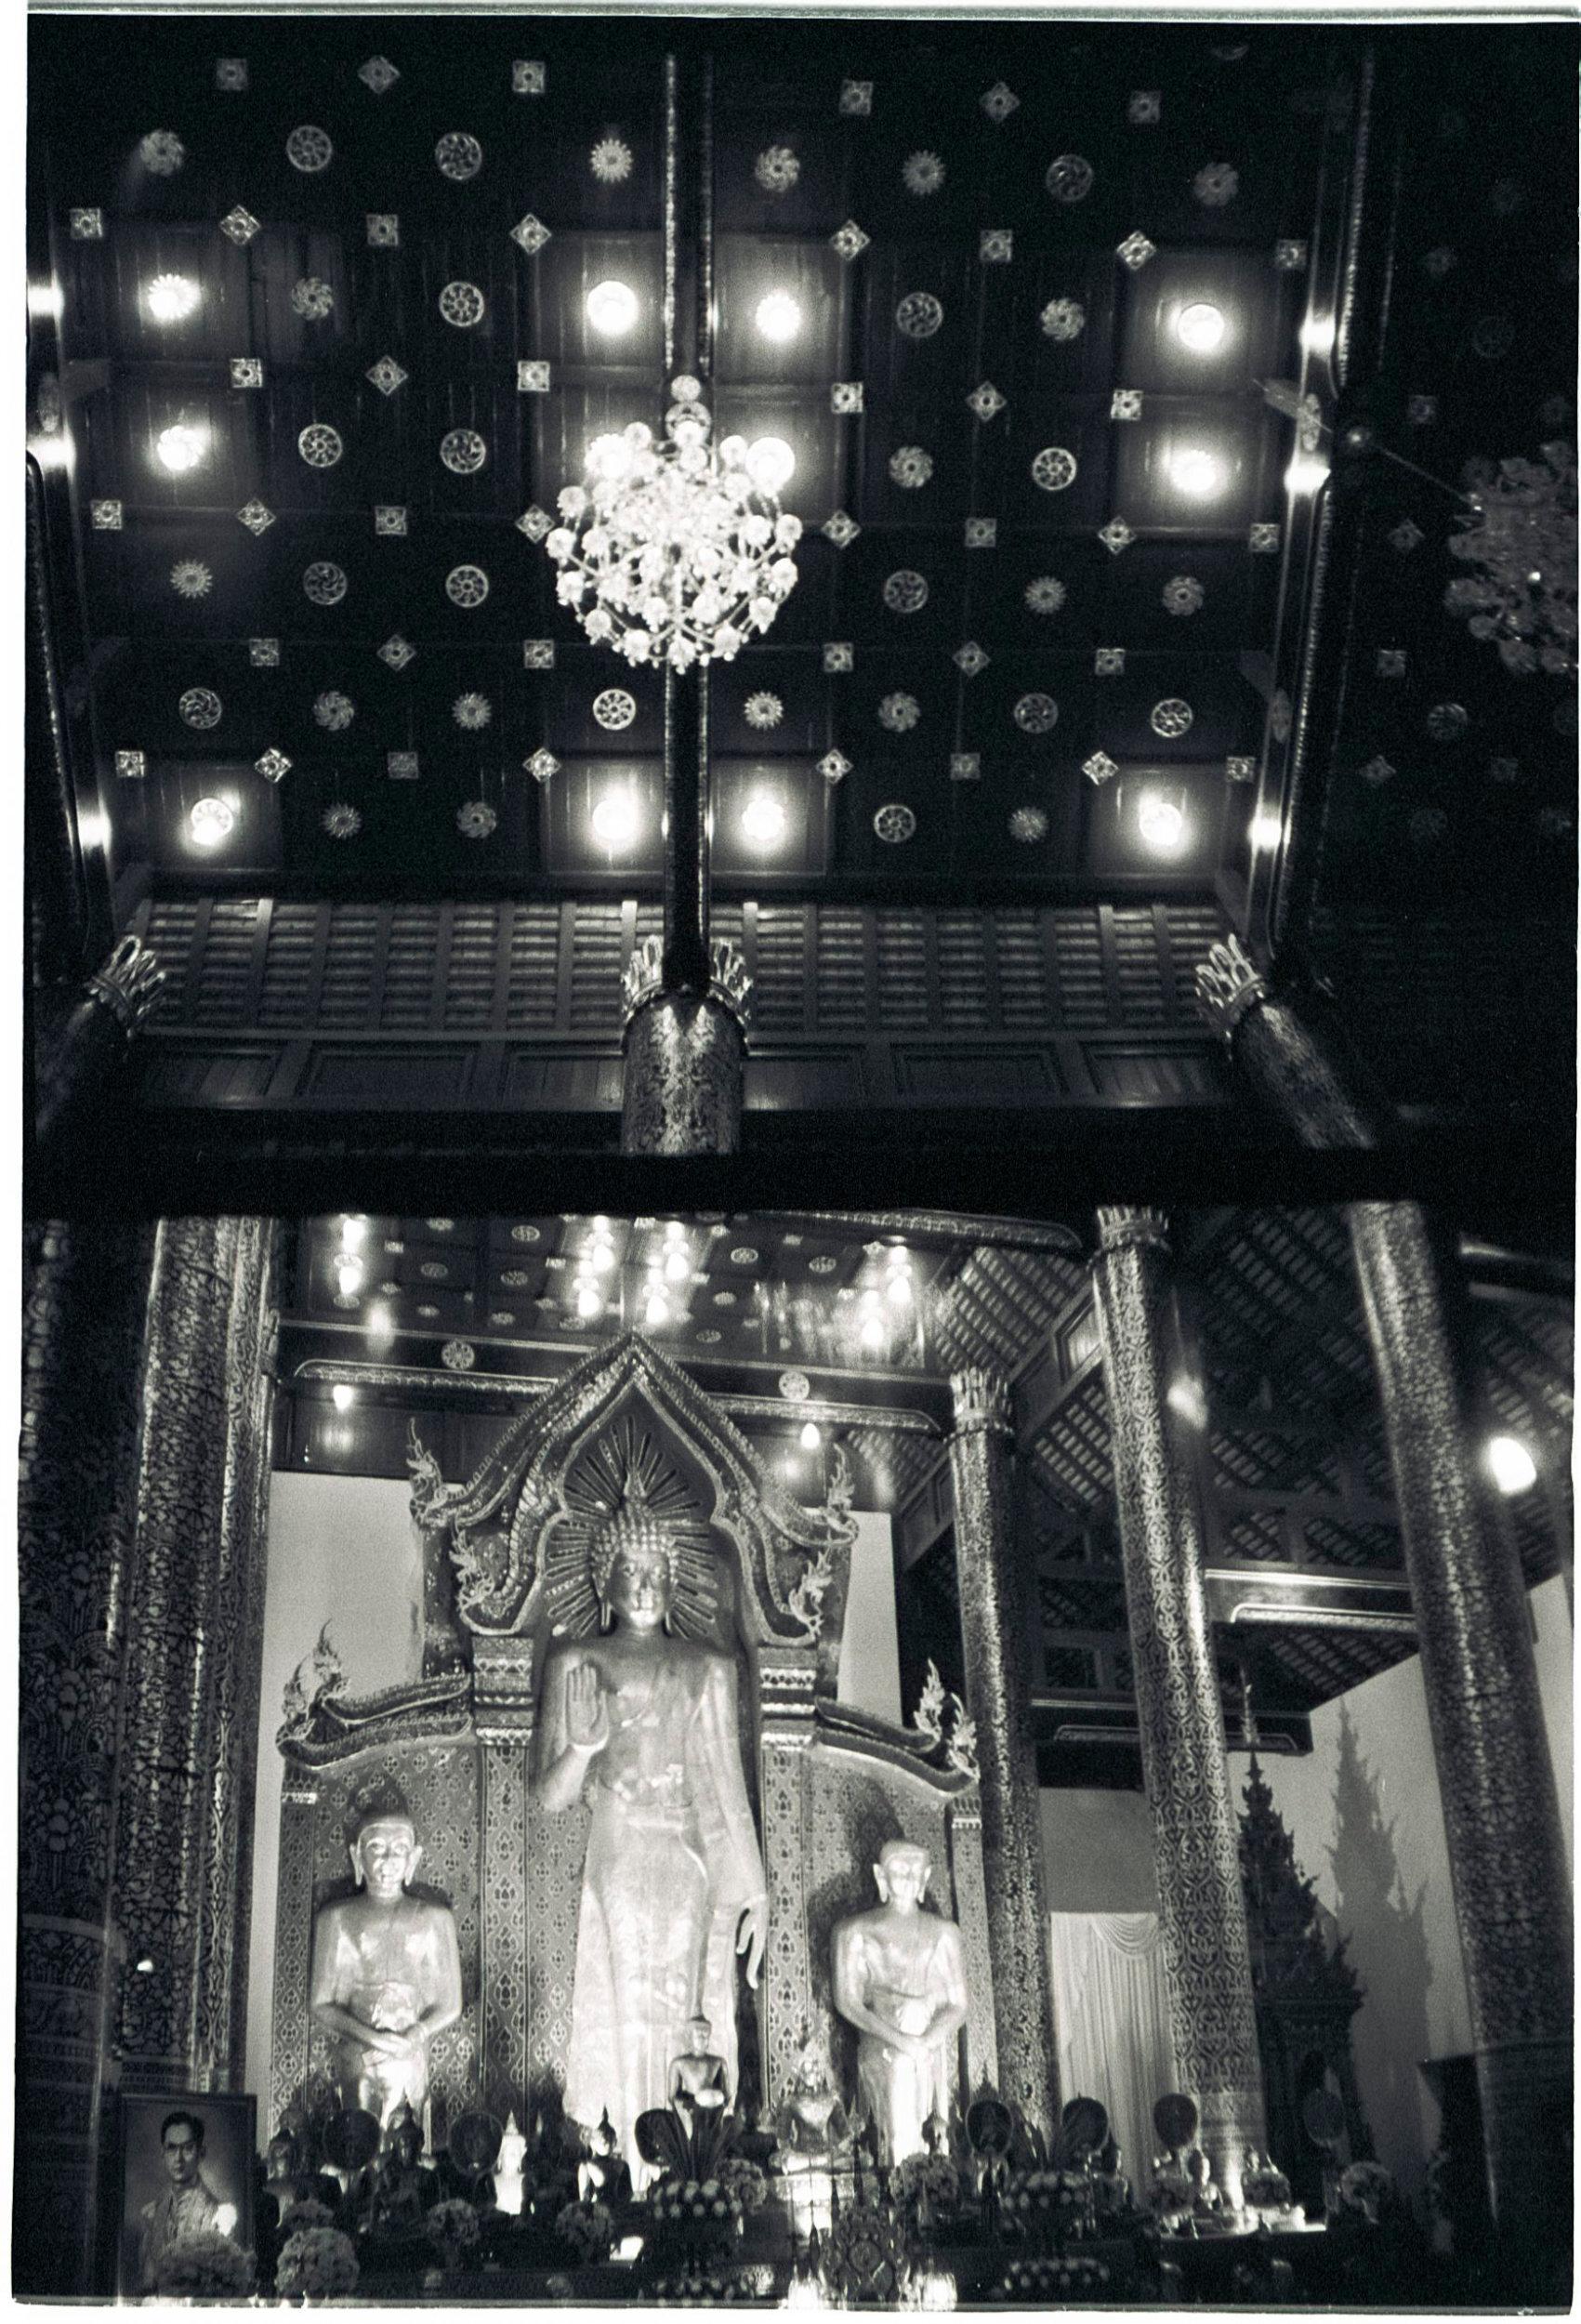 temple-ceiling.jpg